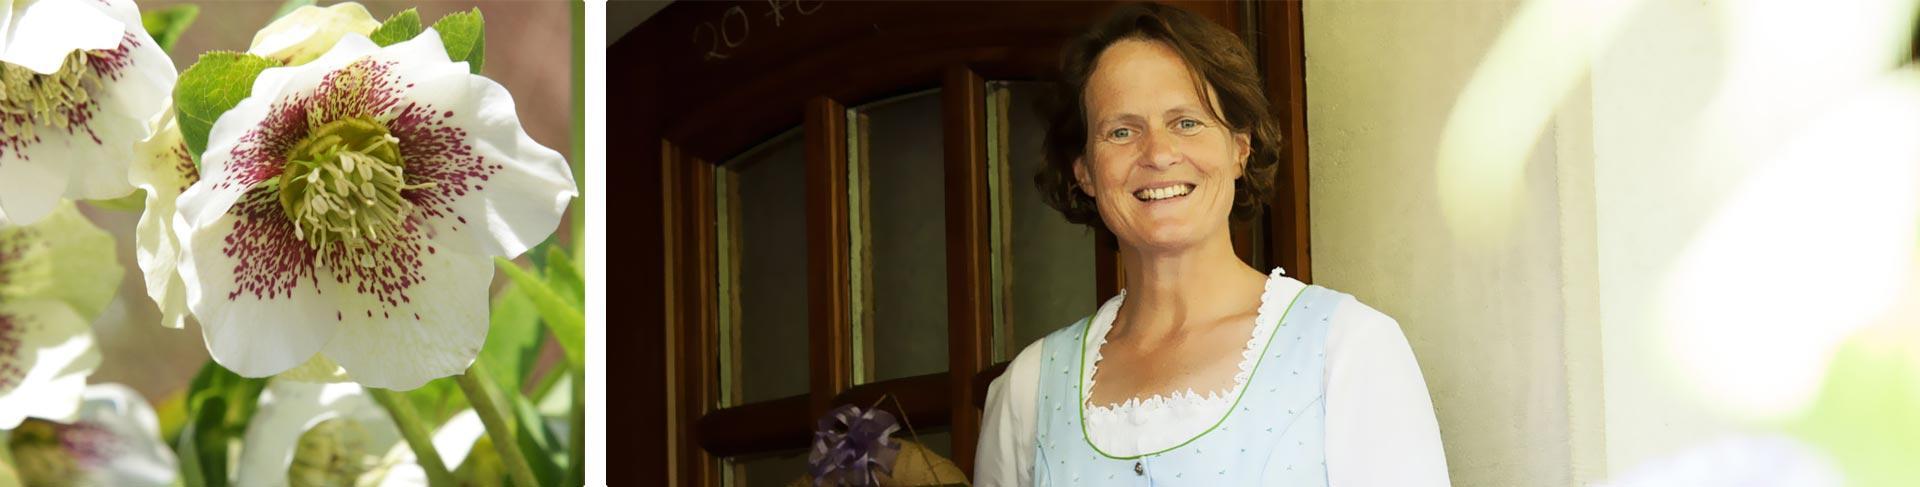 Carola Gschwander am Eingang der Pension